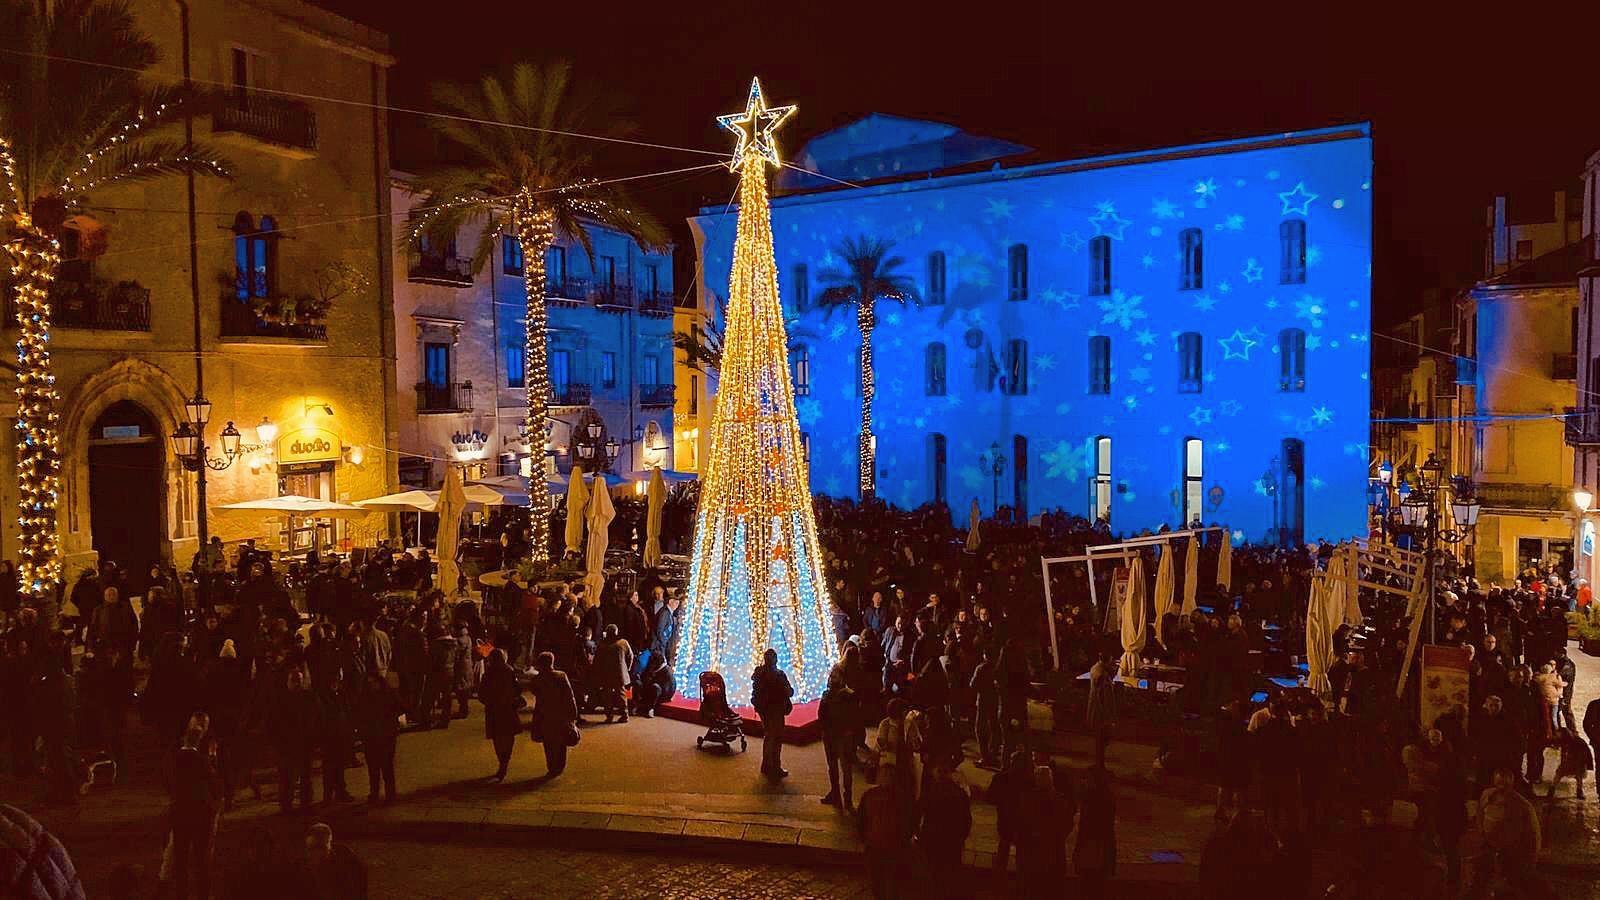 Gli artisti di strada più bravi tornano in Sicilia: ecco il Buskers Festival